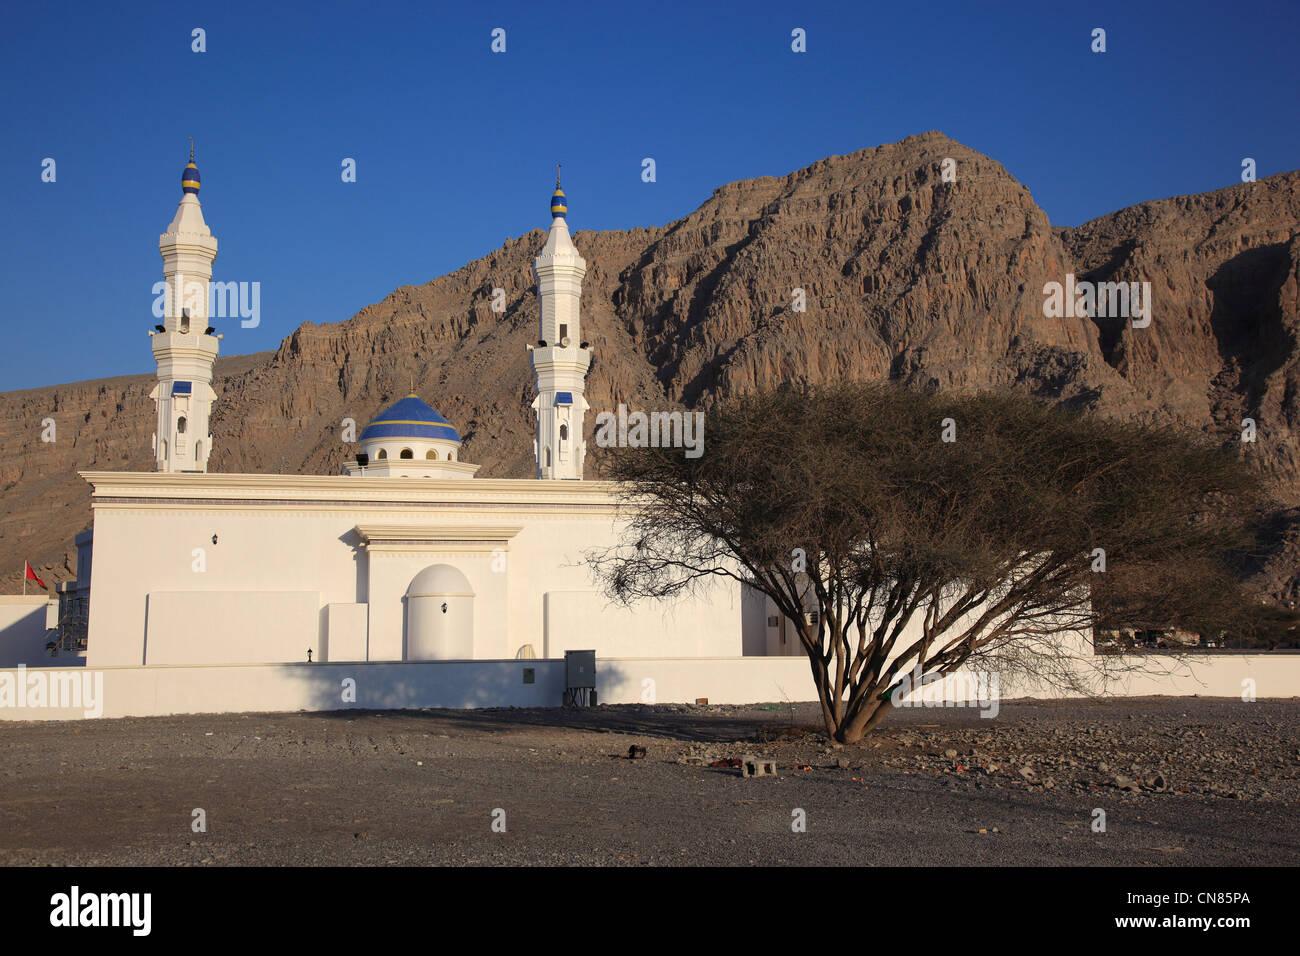 Moschee in al-Chasab, Khasab, in der omanischen Enklave Musandam, Oman - Stock Image